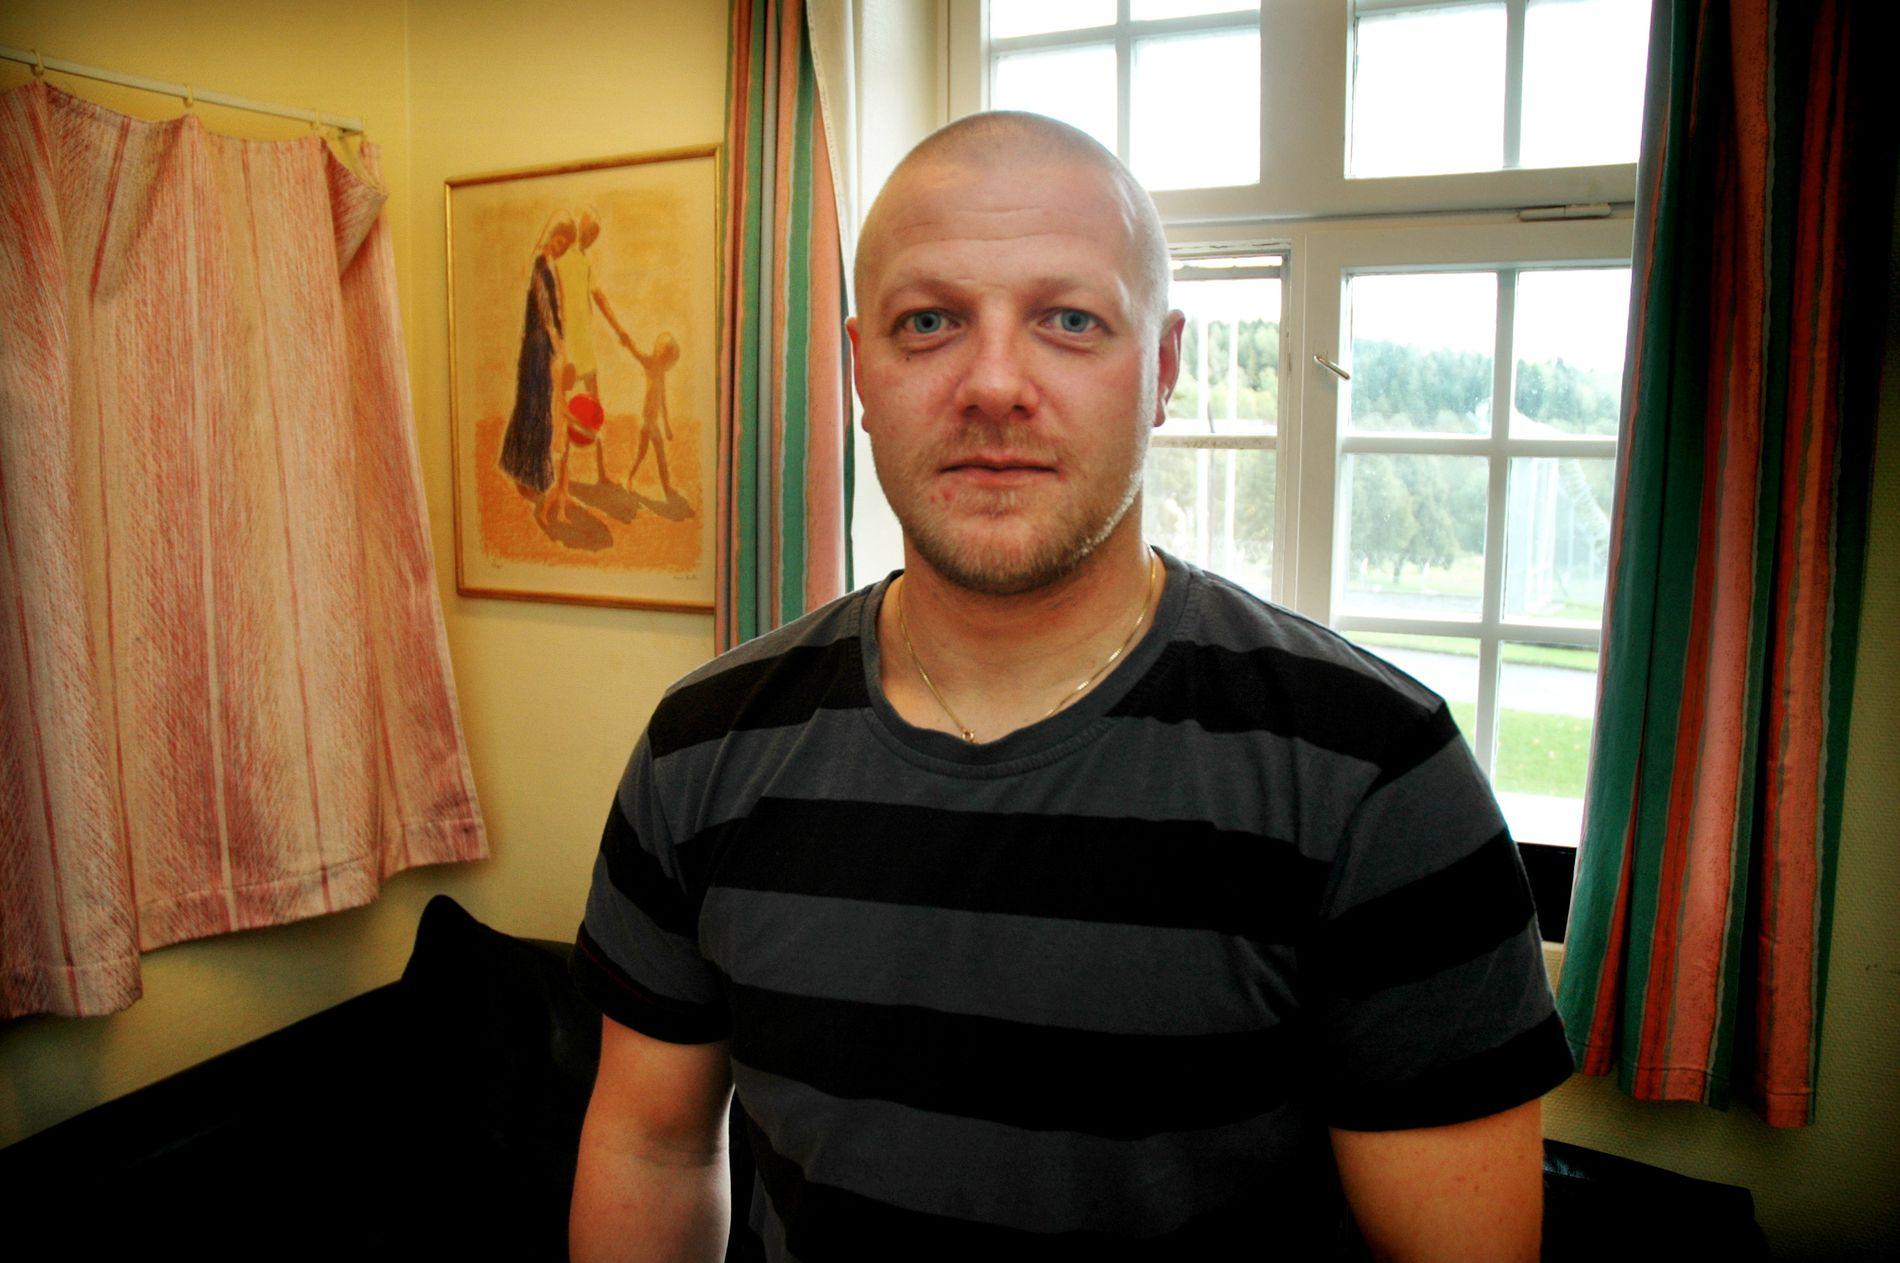 FORTSATT I FENGSEL: Baneheia-dømte Viggo Kristiansen soner fremdeles på Ila fengsel og forvaringsanstalt. Her er han under et intervju med VG i 2008.